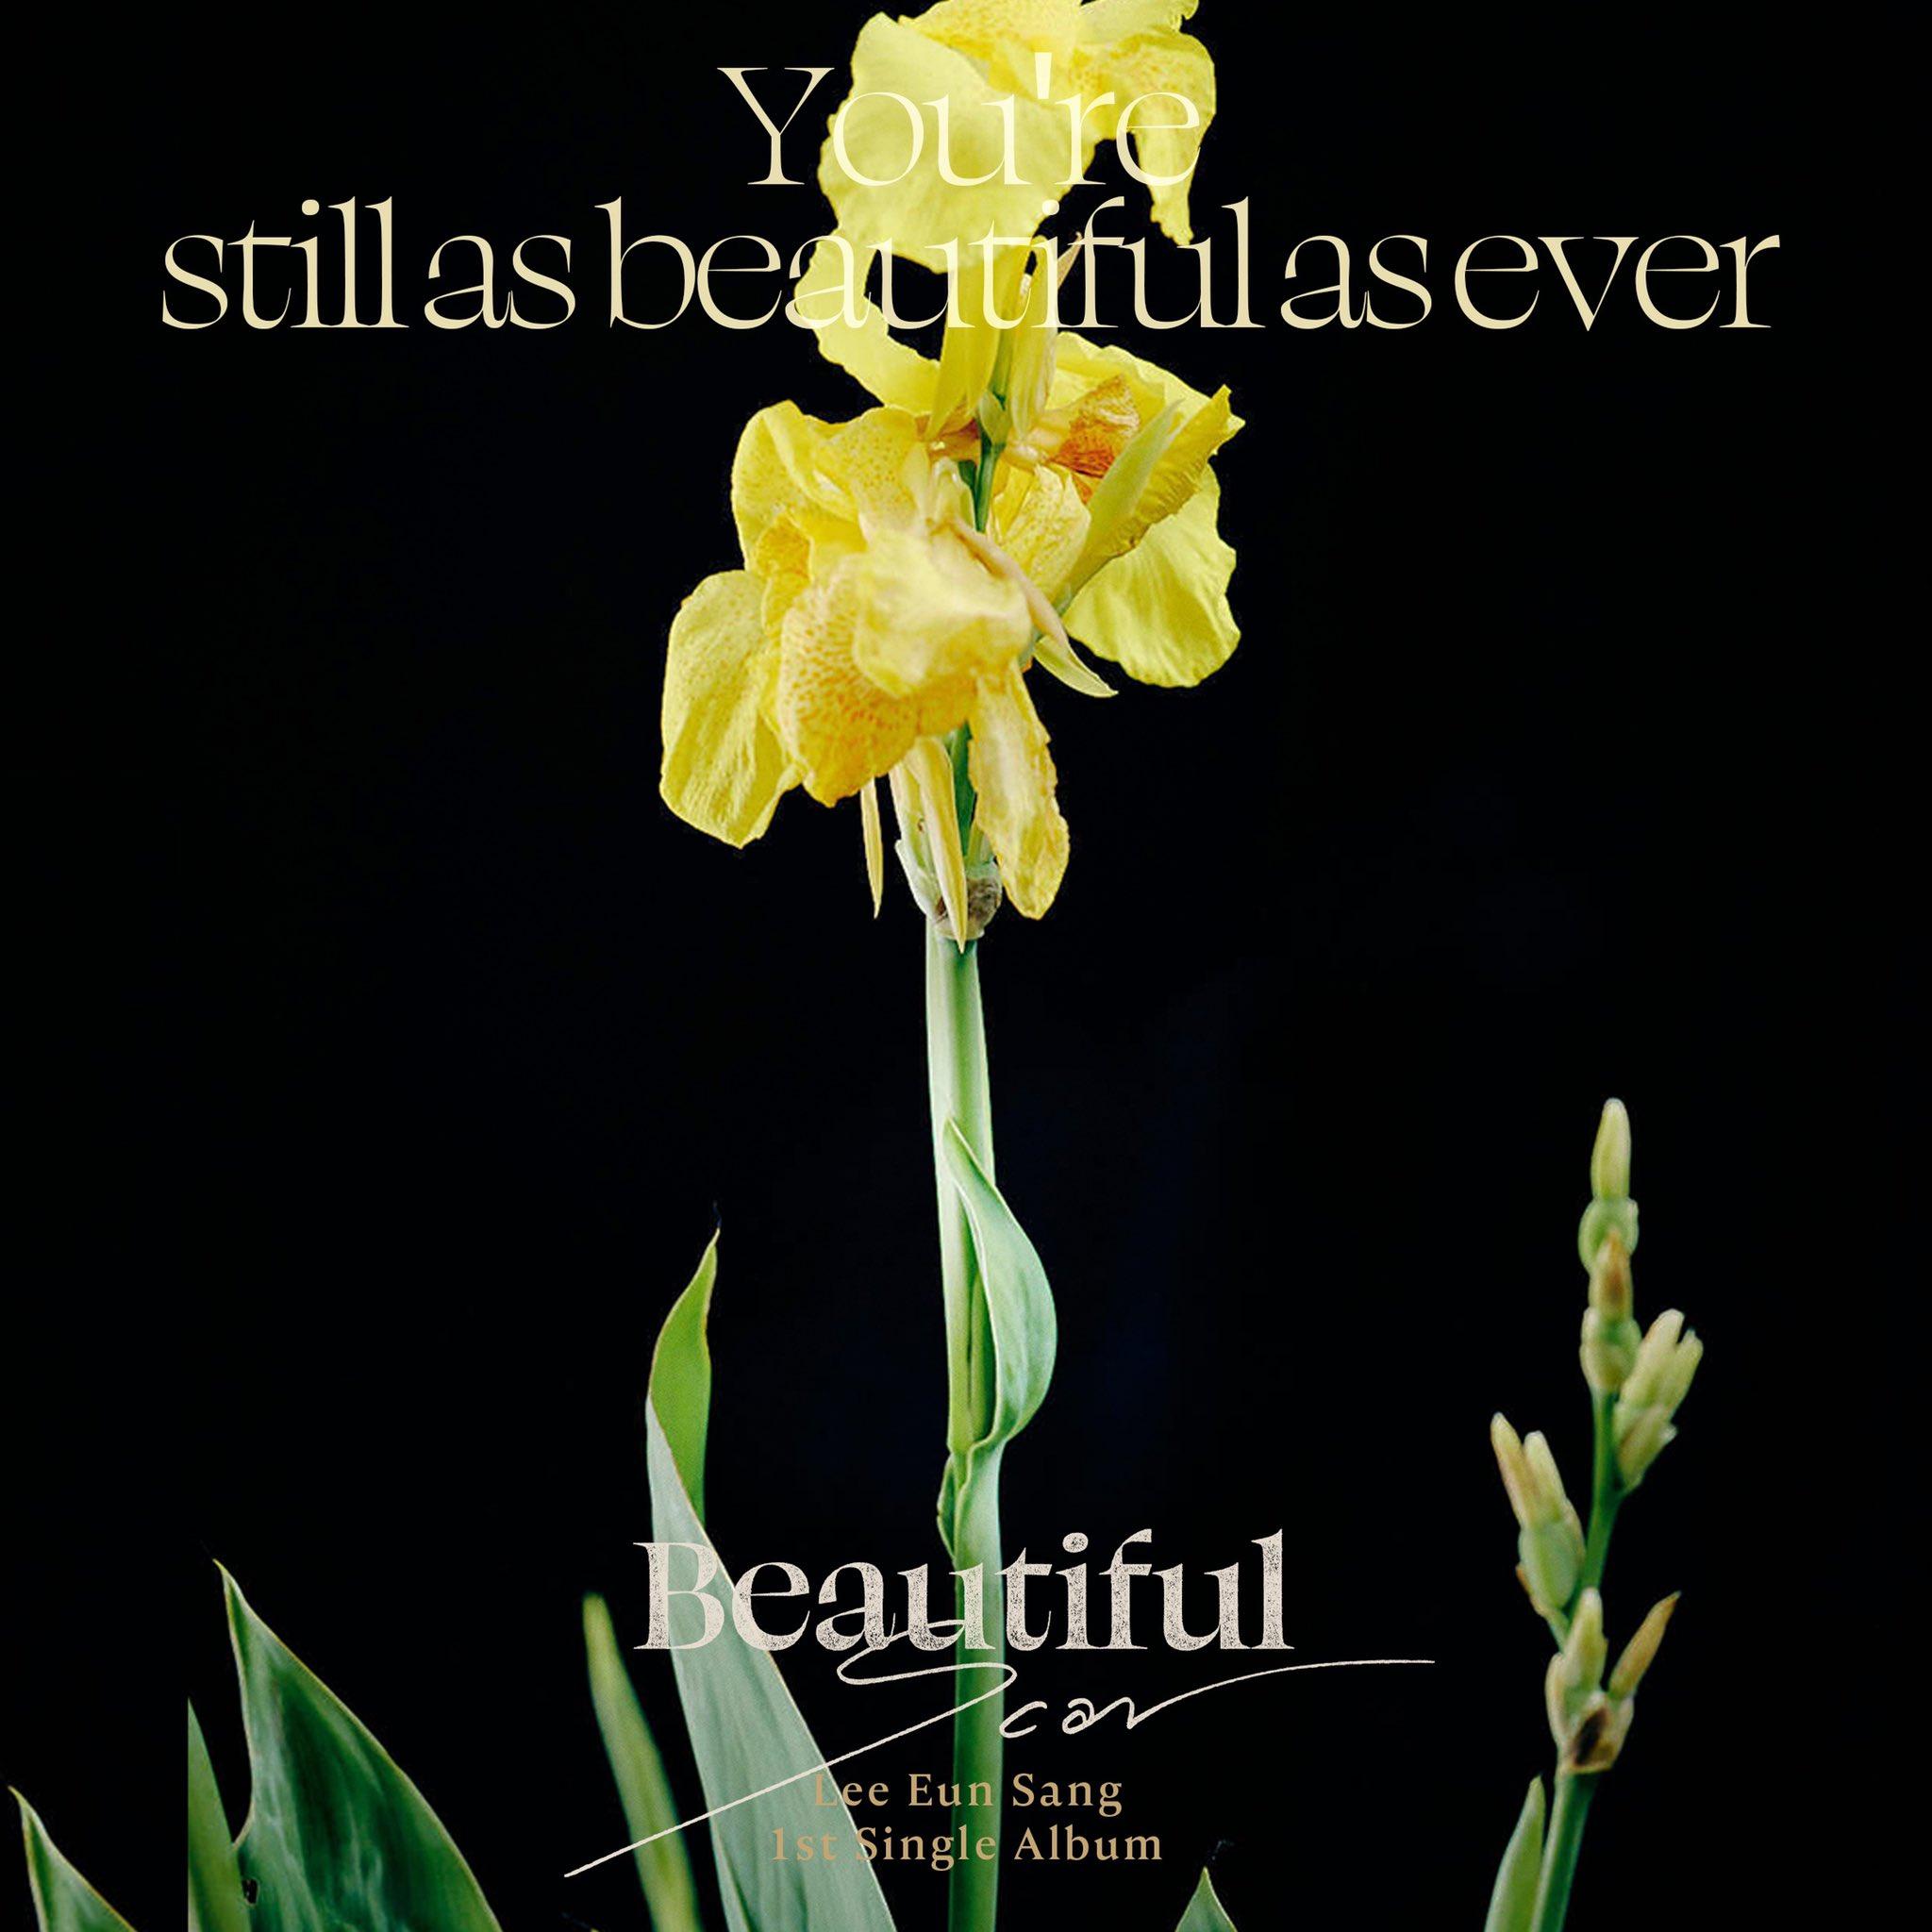 31일(월), 🍎이은상 솔로데뷔 1st Single Album <Beautiful Scar> 발매🍎 | 인스티즈